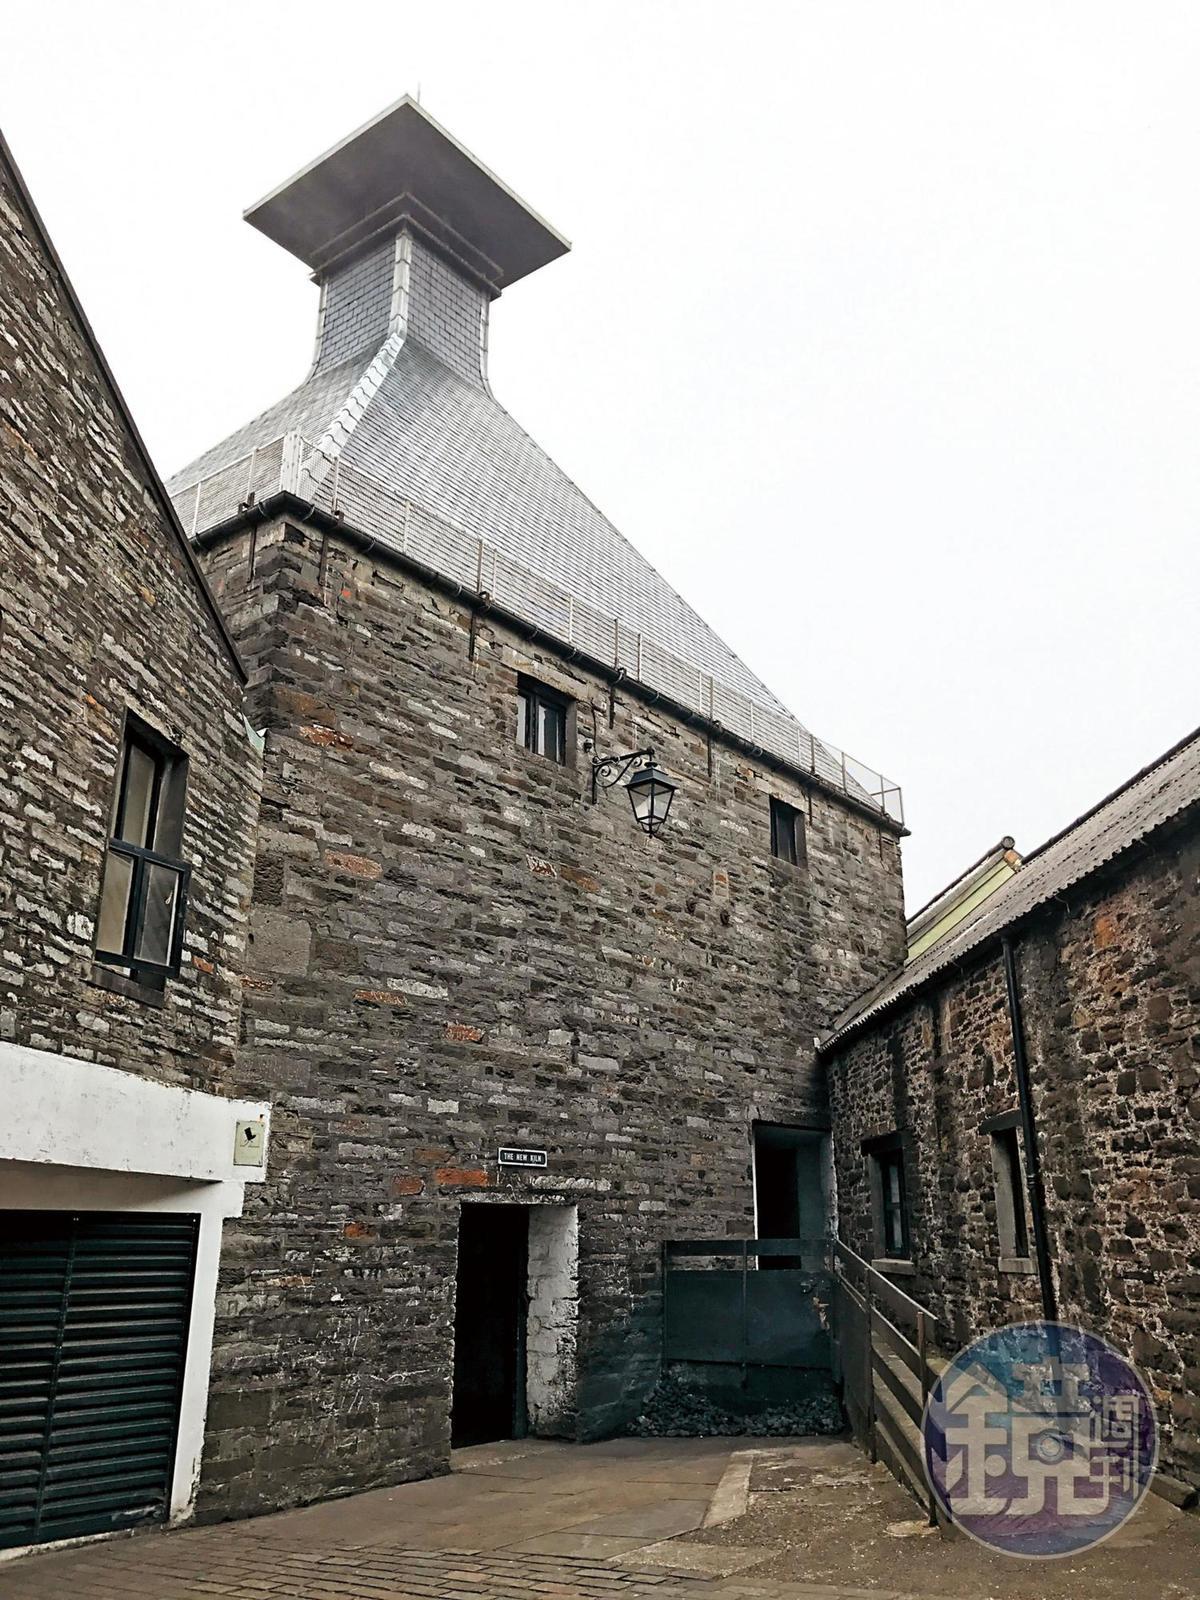 酒廠新的寶塔式煙囪樓,是進行地板發麥的地方。